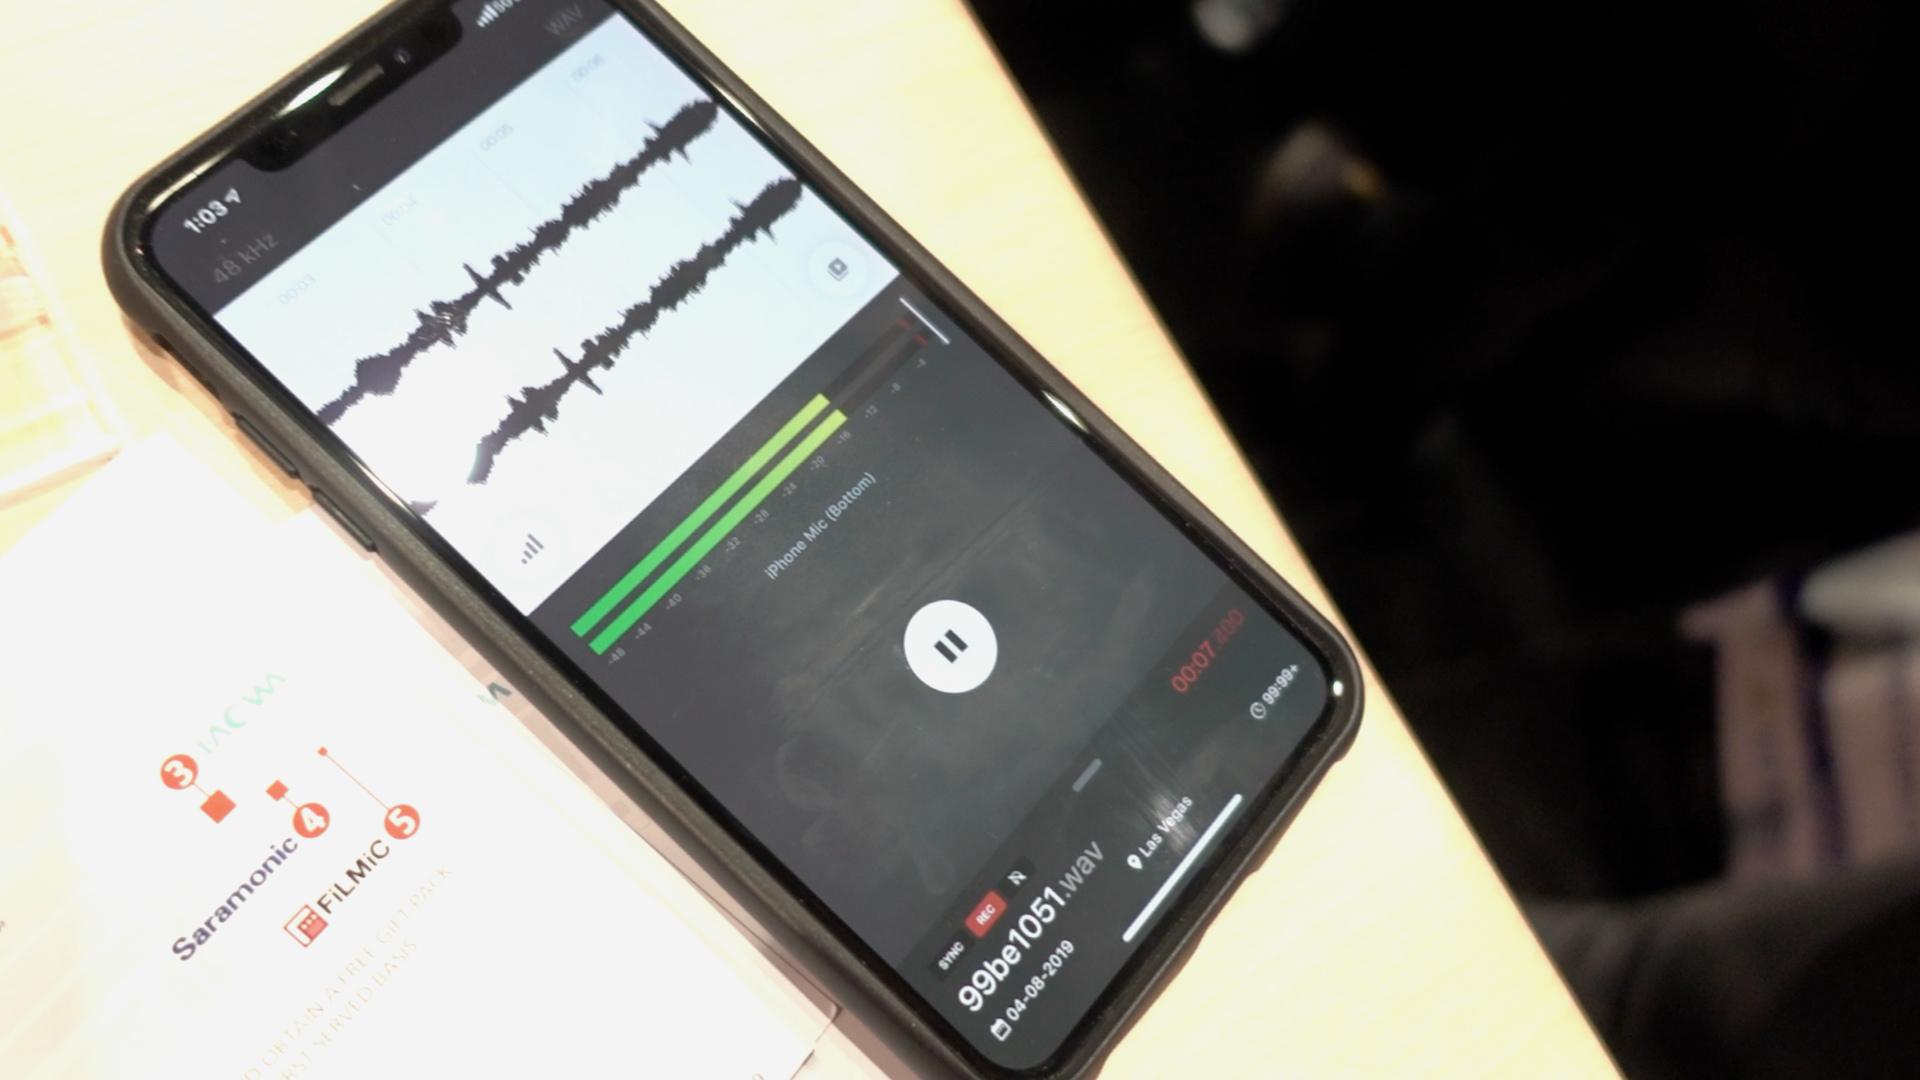 Filmic Audio app